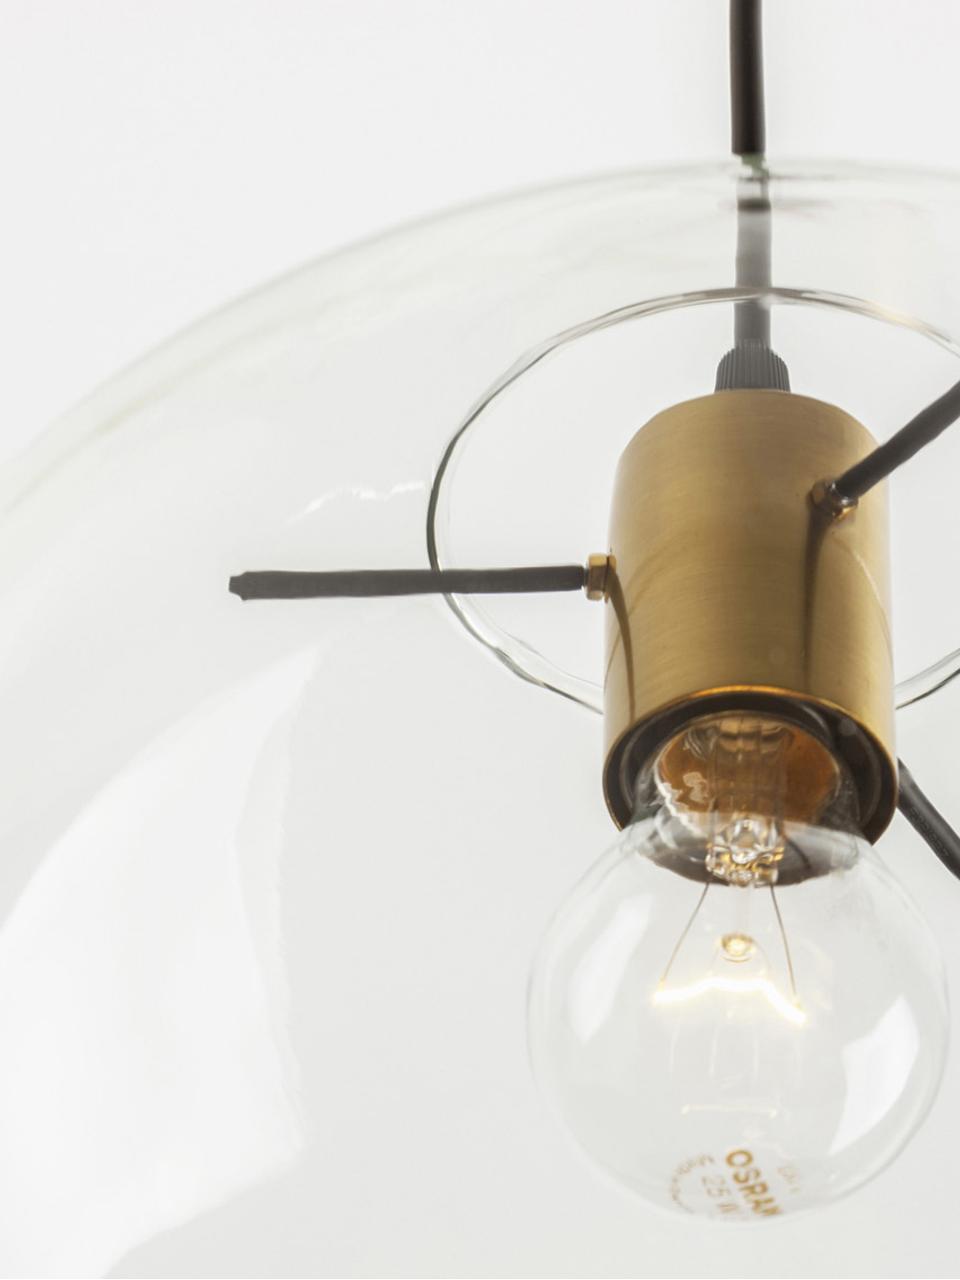 Lampada a sospensione con paralume in vetro Mirale, Paralume: vetro, Struttura: acciaio rivestito, Baldacchino: materiale sintetico, Ottone, trasparente, Ø 25 x Alt. 26 cm